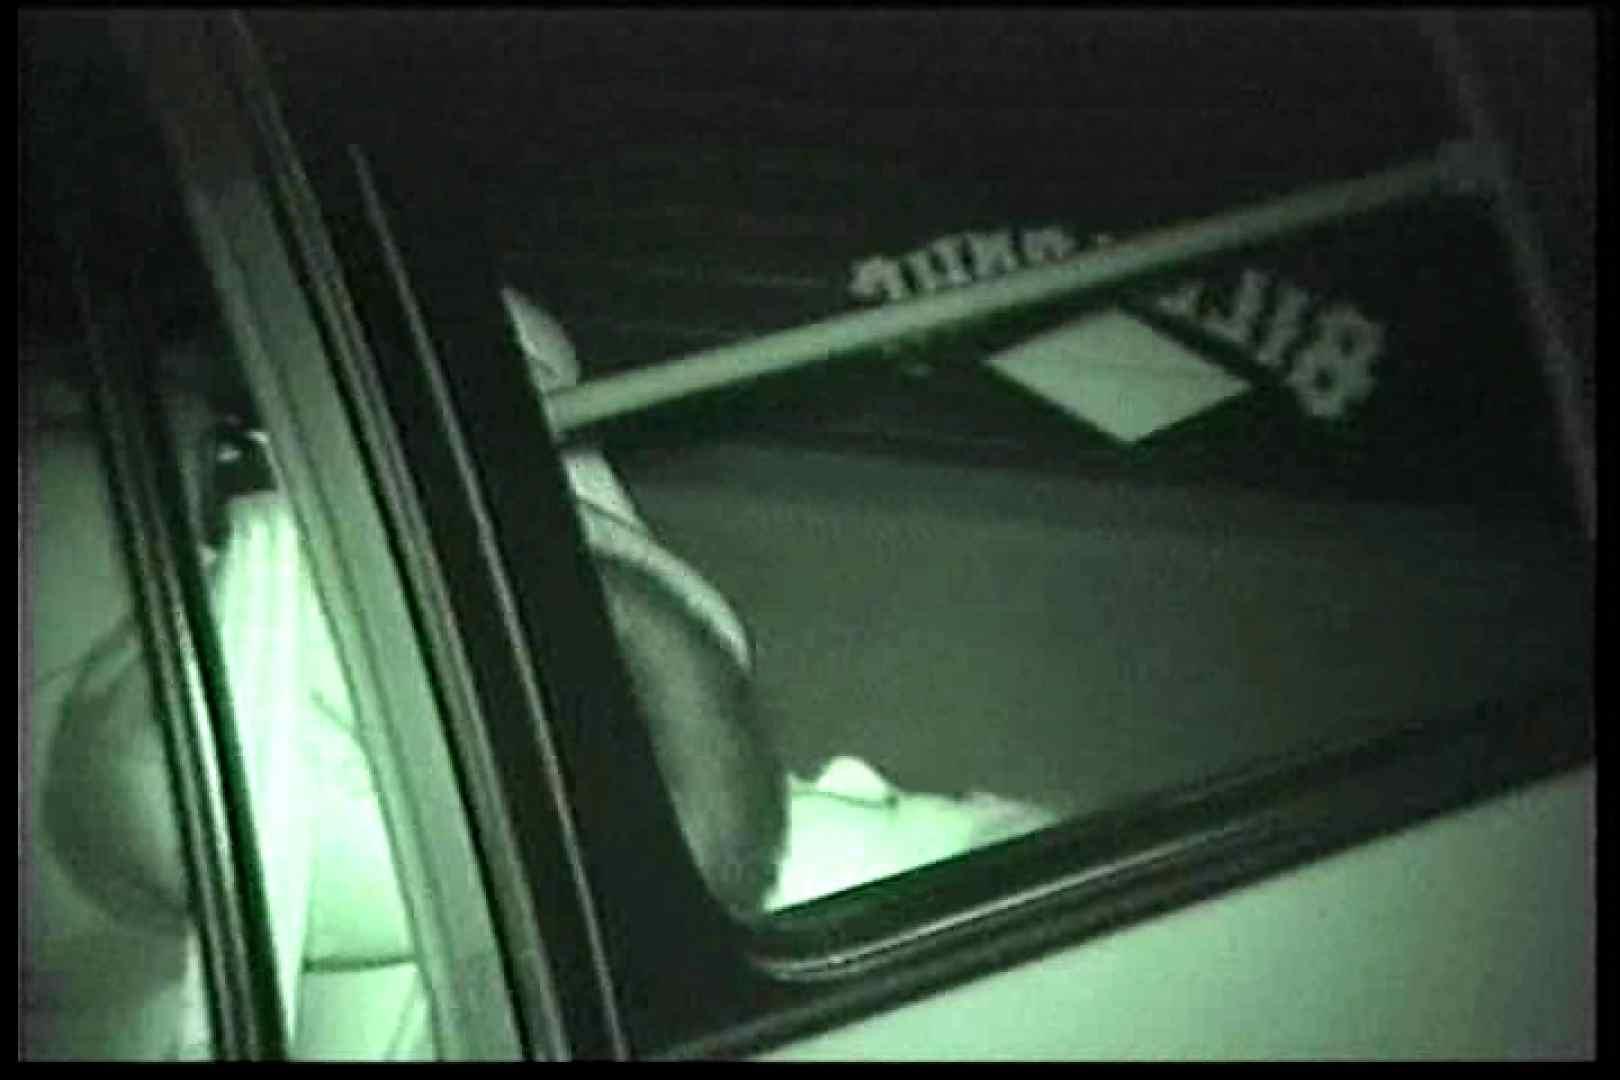 車の中はラブホテル 無修正版  Vol.11 車中はめどり スケベ動画紹介 86画像 35